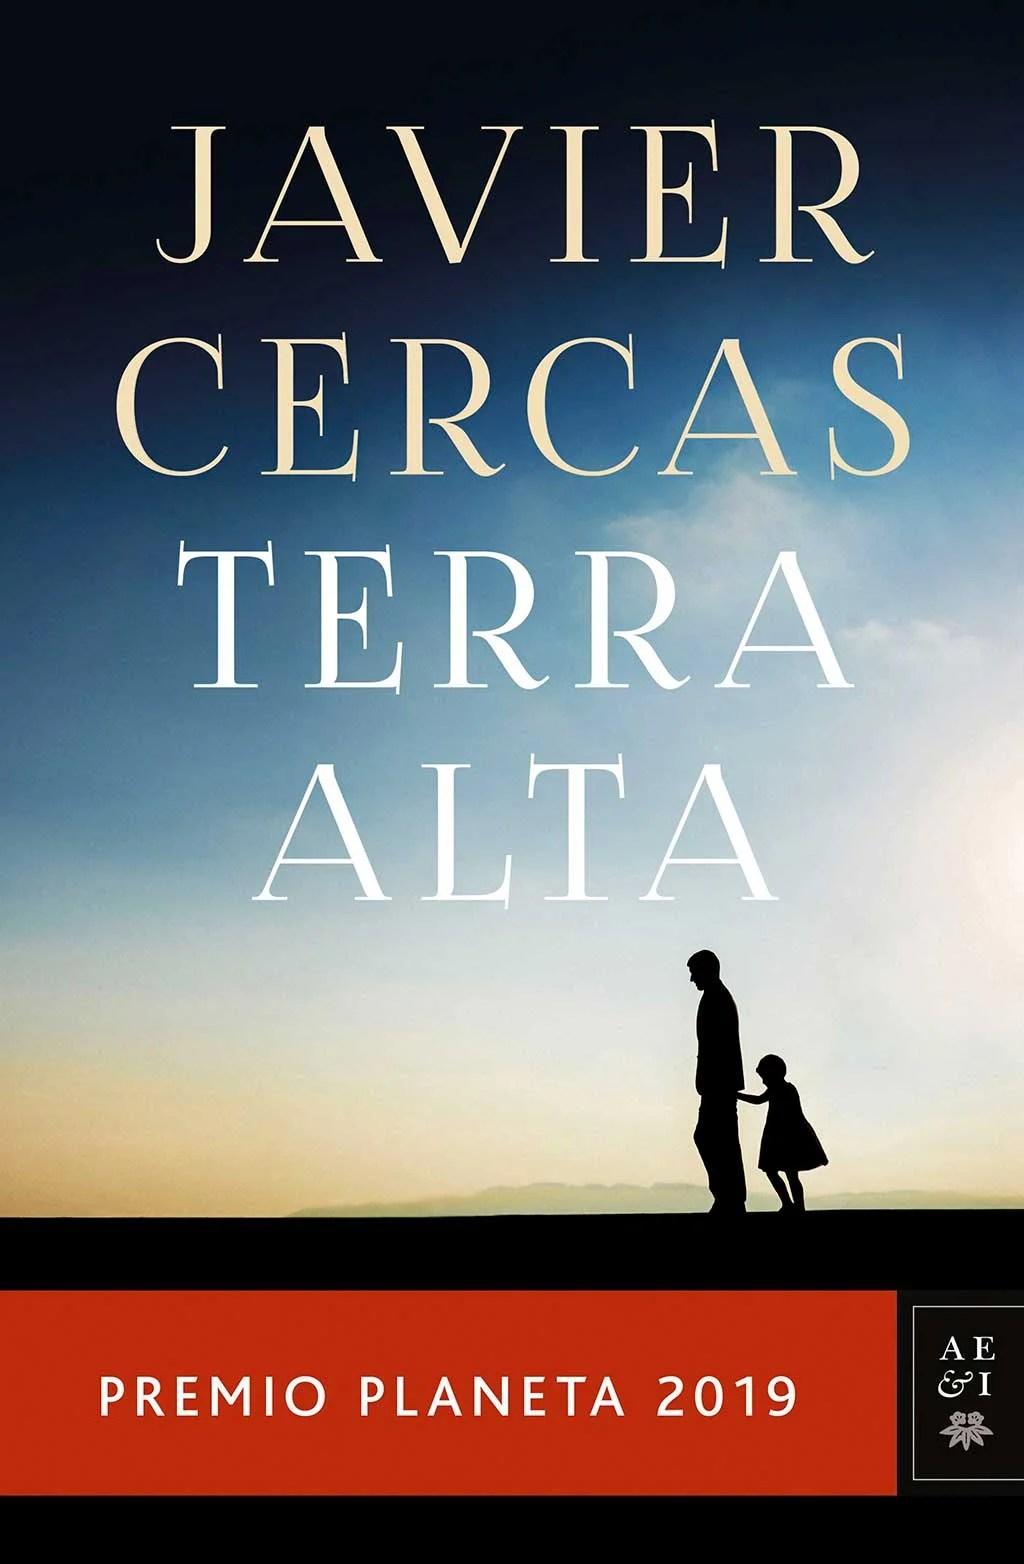 Javier Cercas Terra Alta